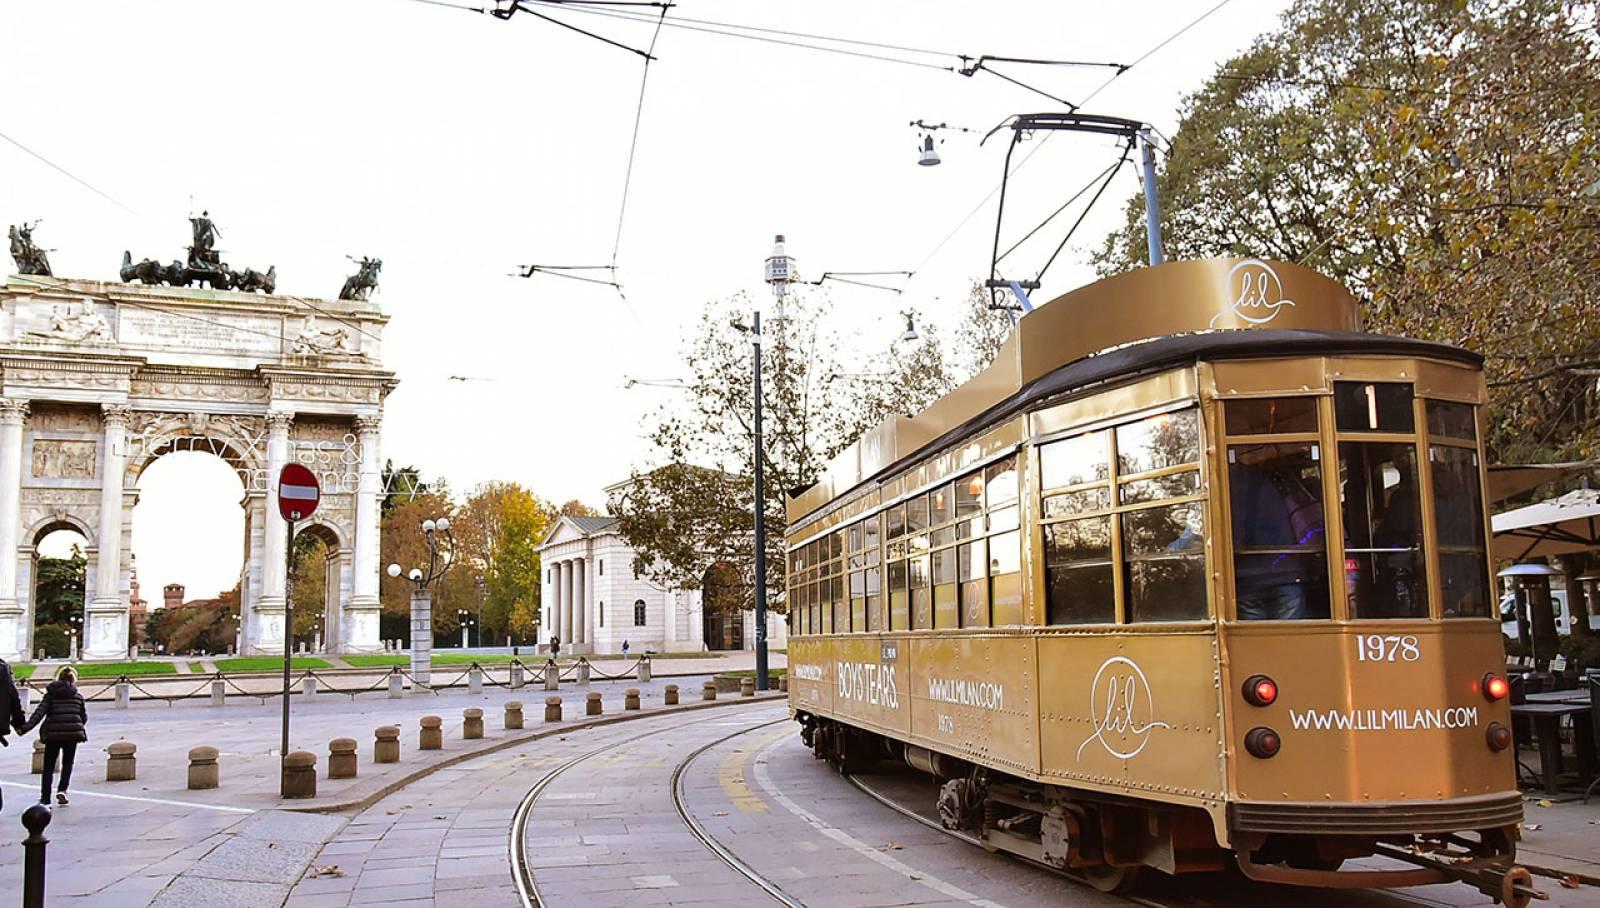 Pubblicità sui tram a Milano IGPDecaux tram decorato per LIL